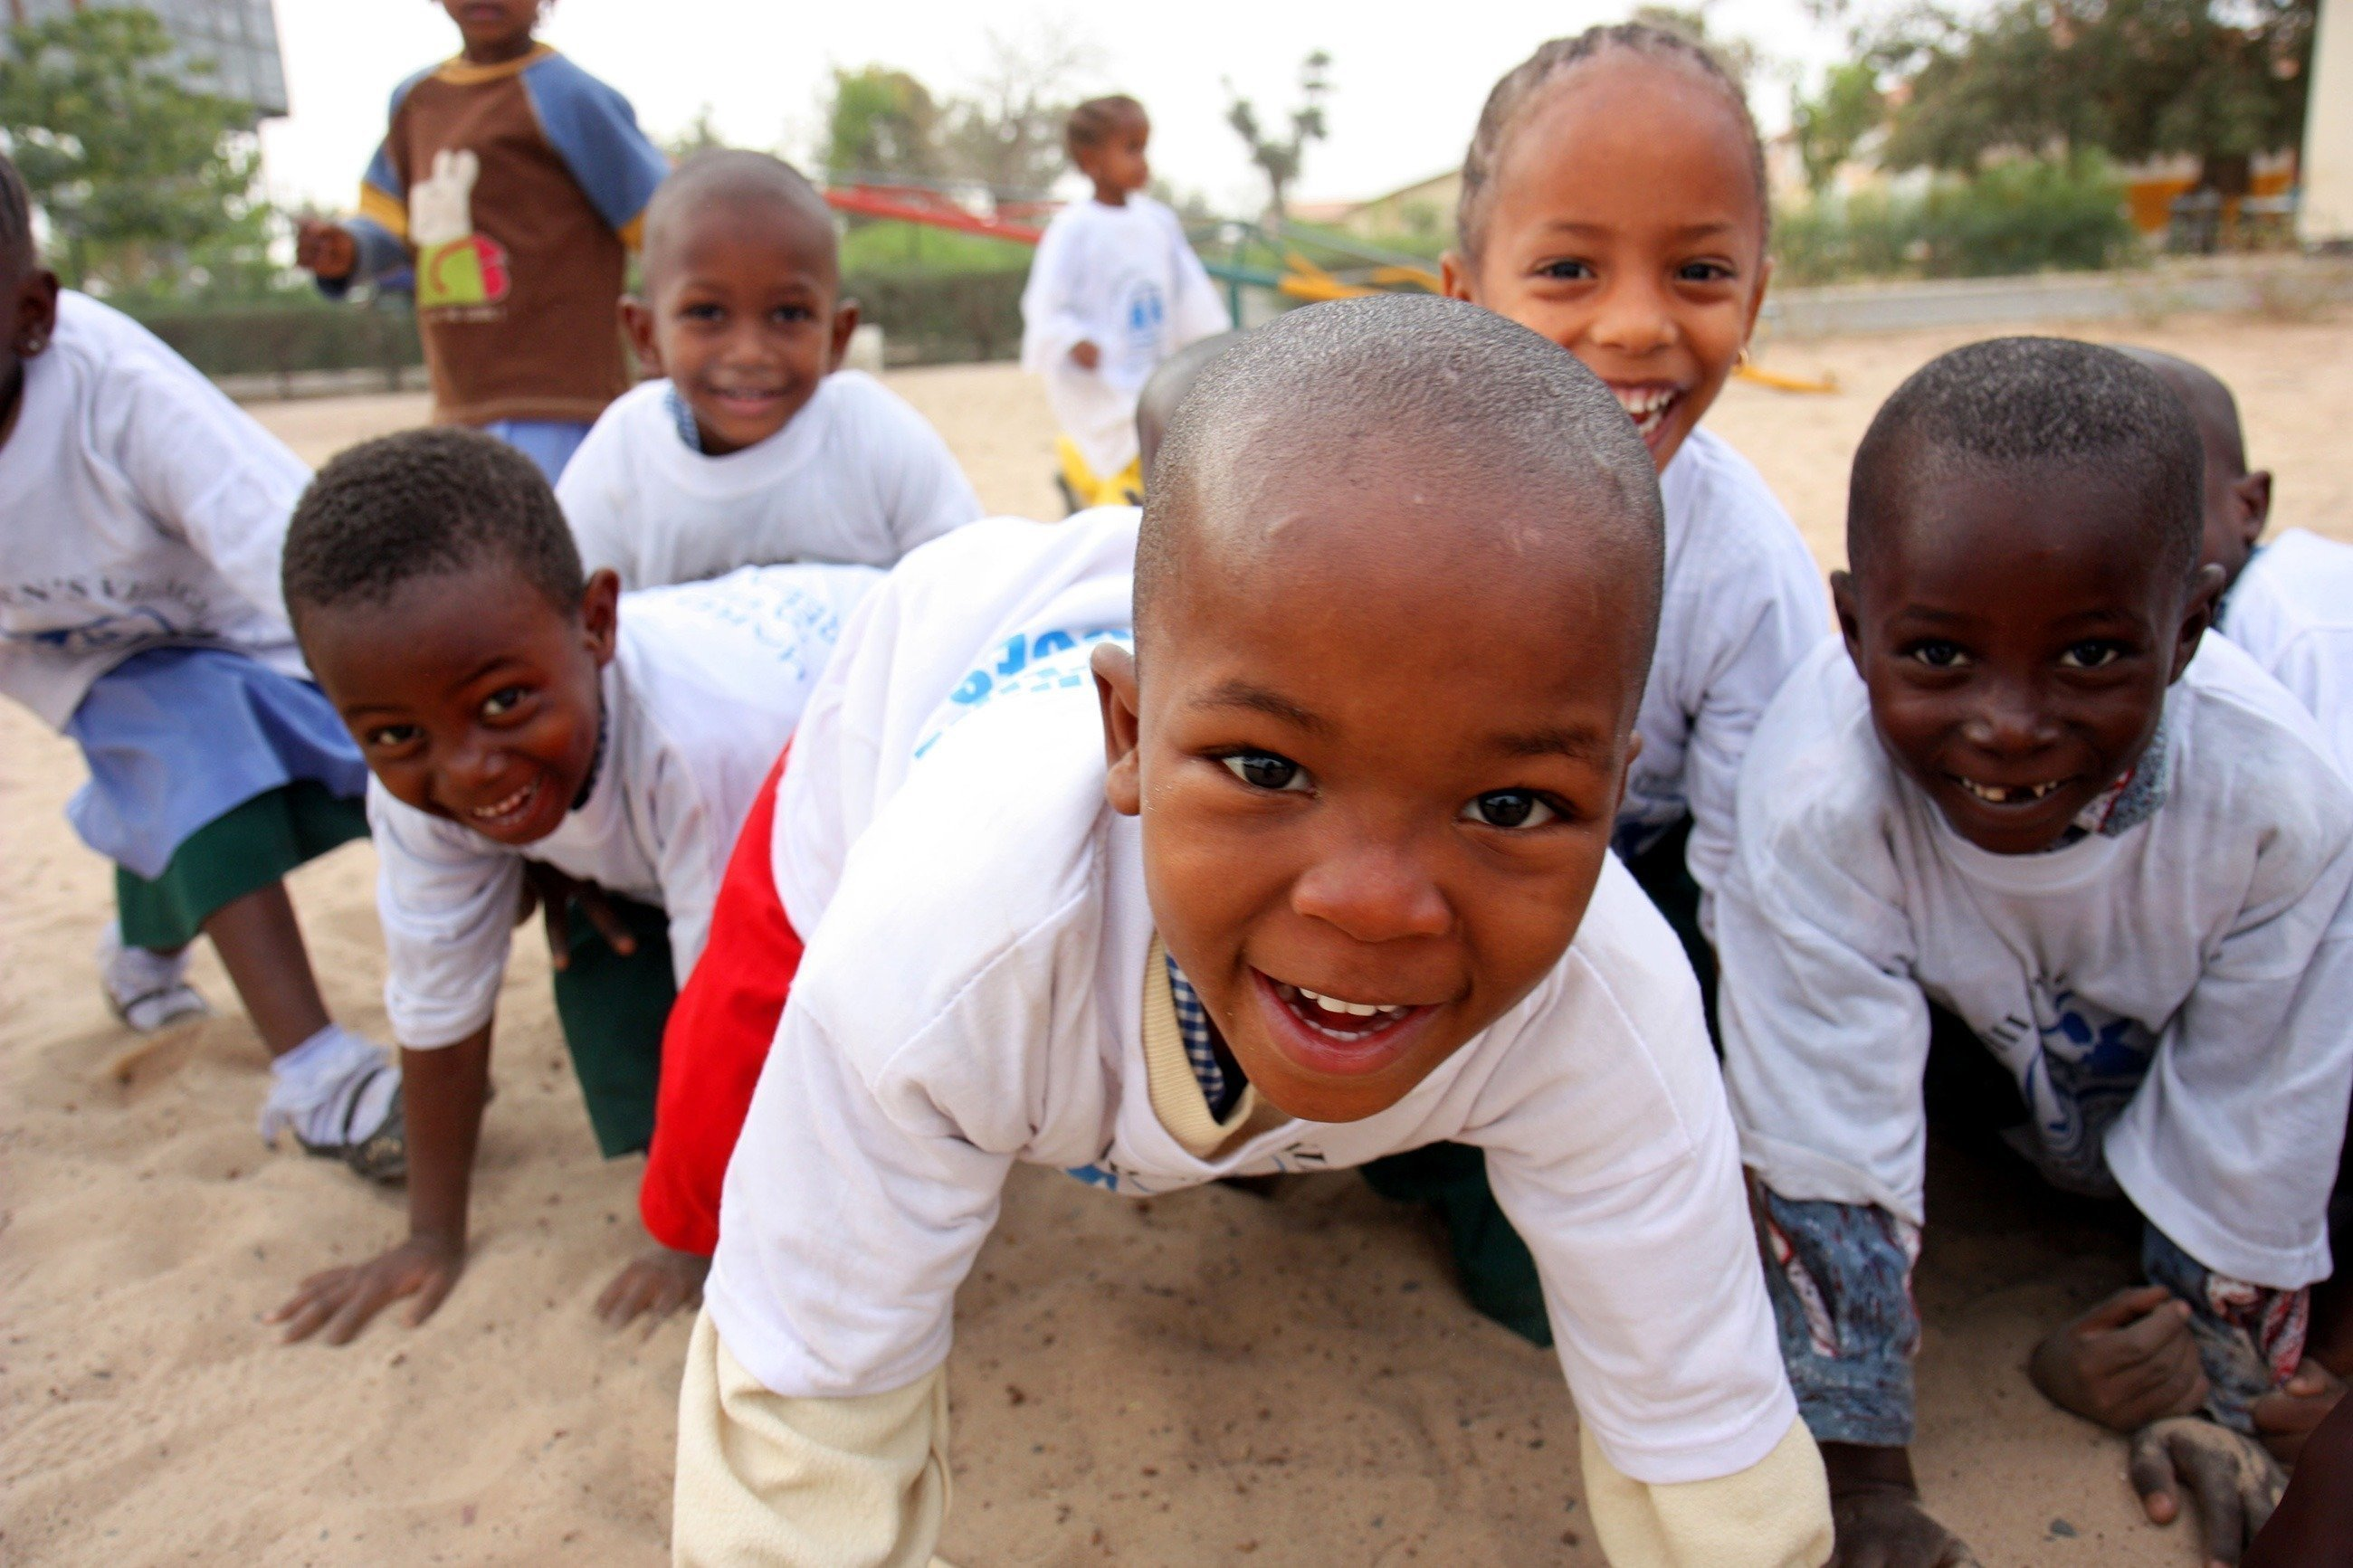 Eine Gruppe afrikanischer Kinder krabbelt im Sand.